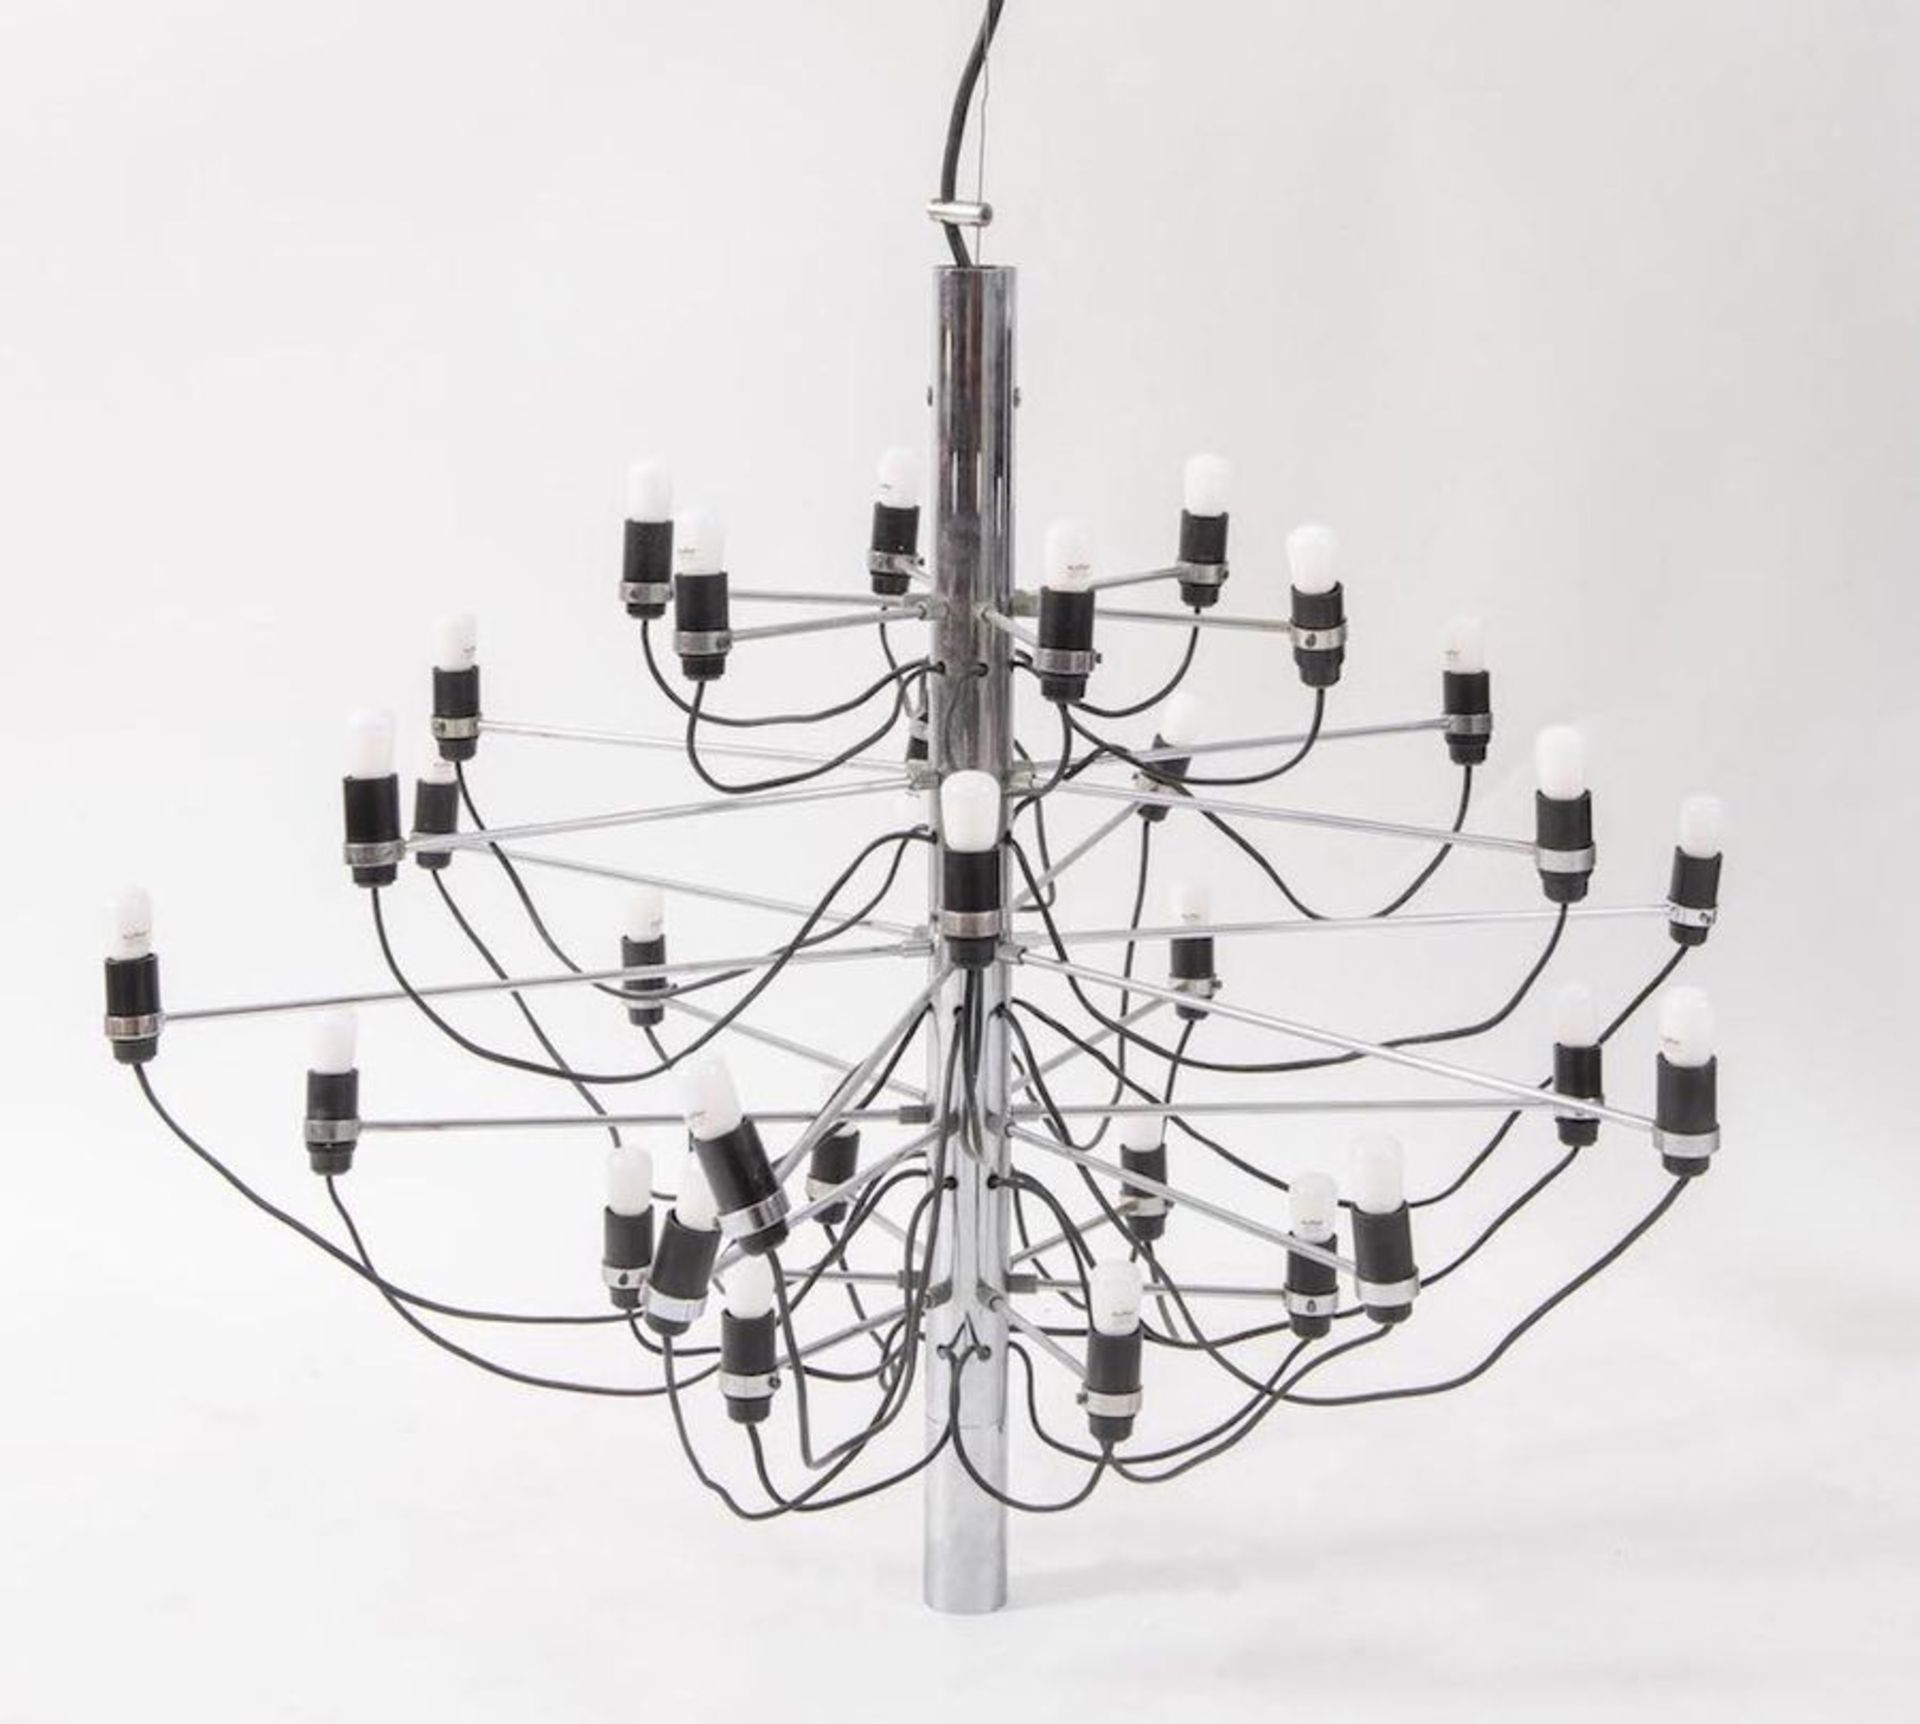 GINO SARFATTI Lampadario in acciaio cromato con portalampade in bachelite modello 2097/30. Prod. Art - Bild 2 aus 2